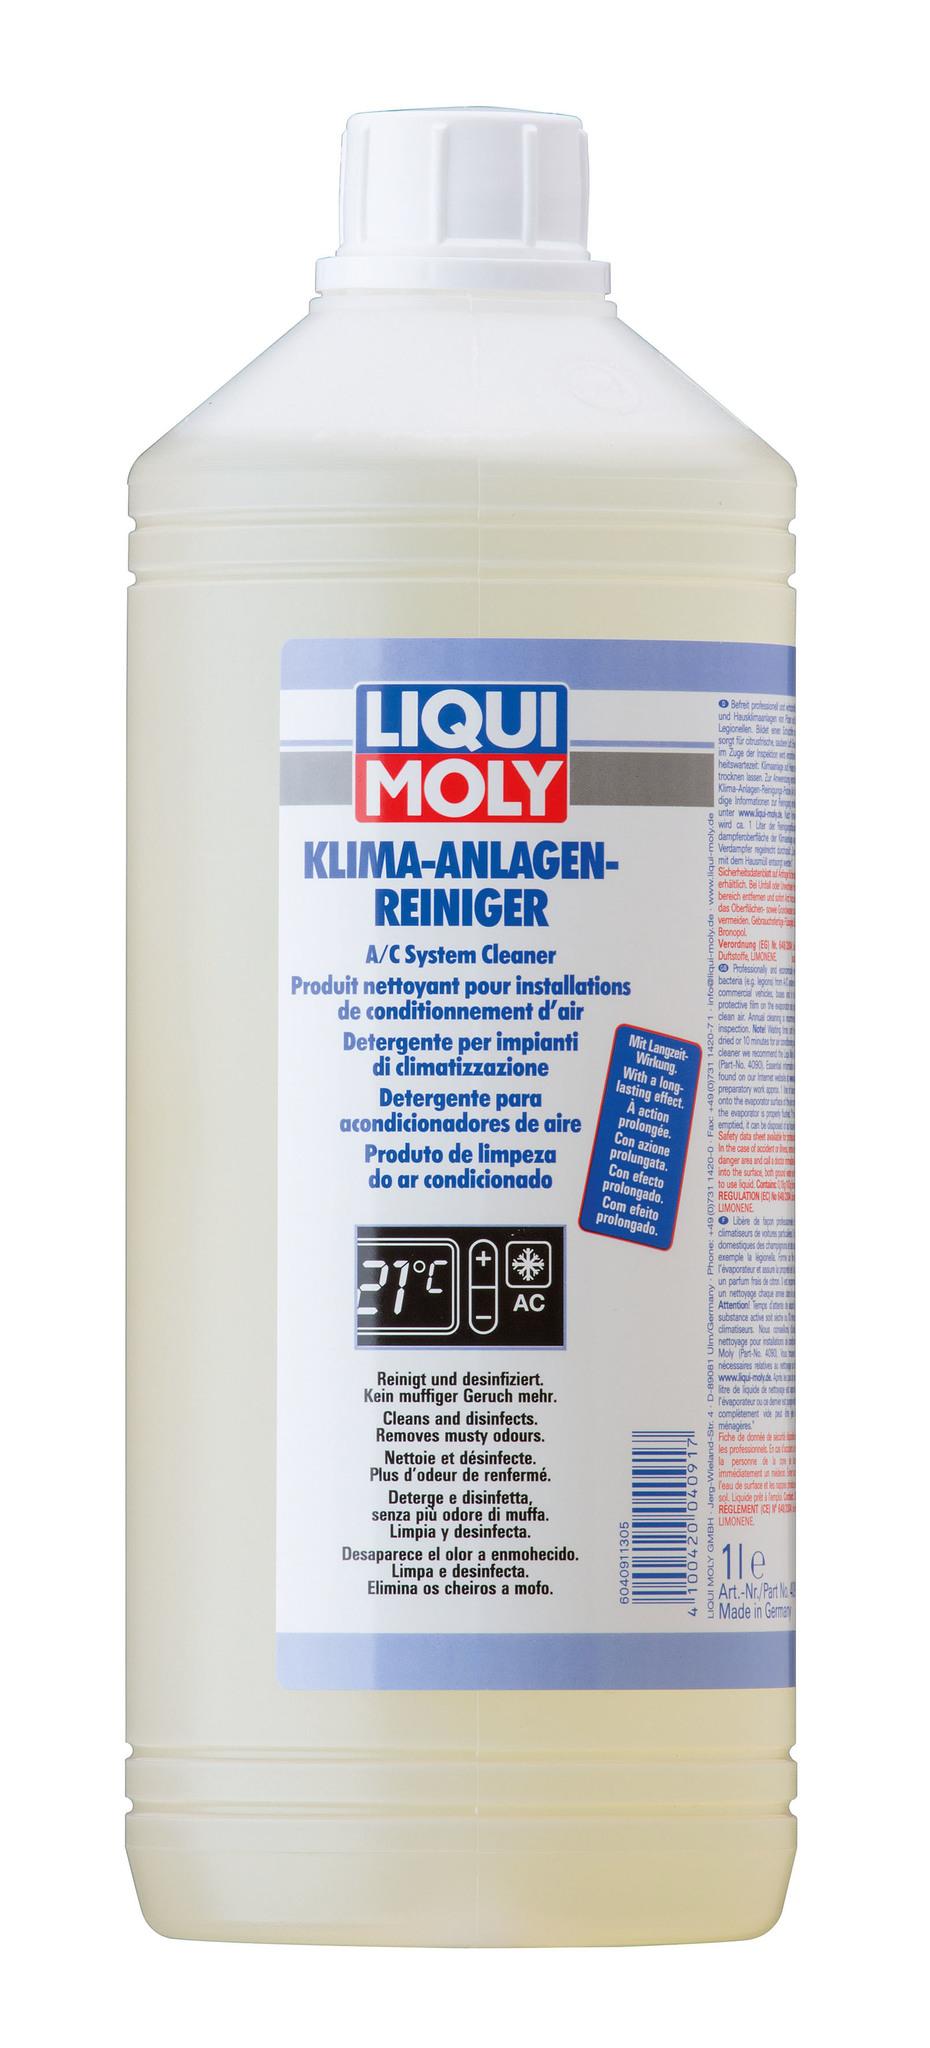 Liqui Moly Klima Anlagen Reiniger Жидкость для очистки кондиционера